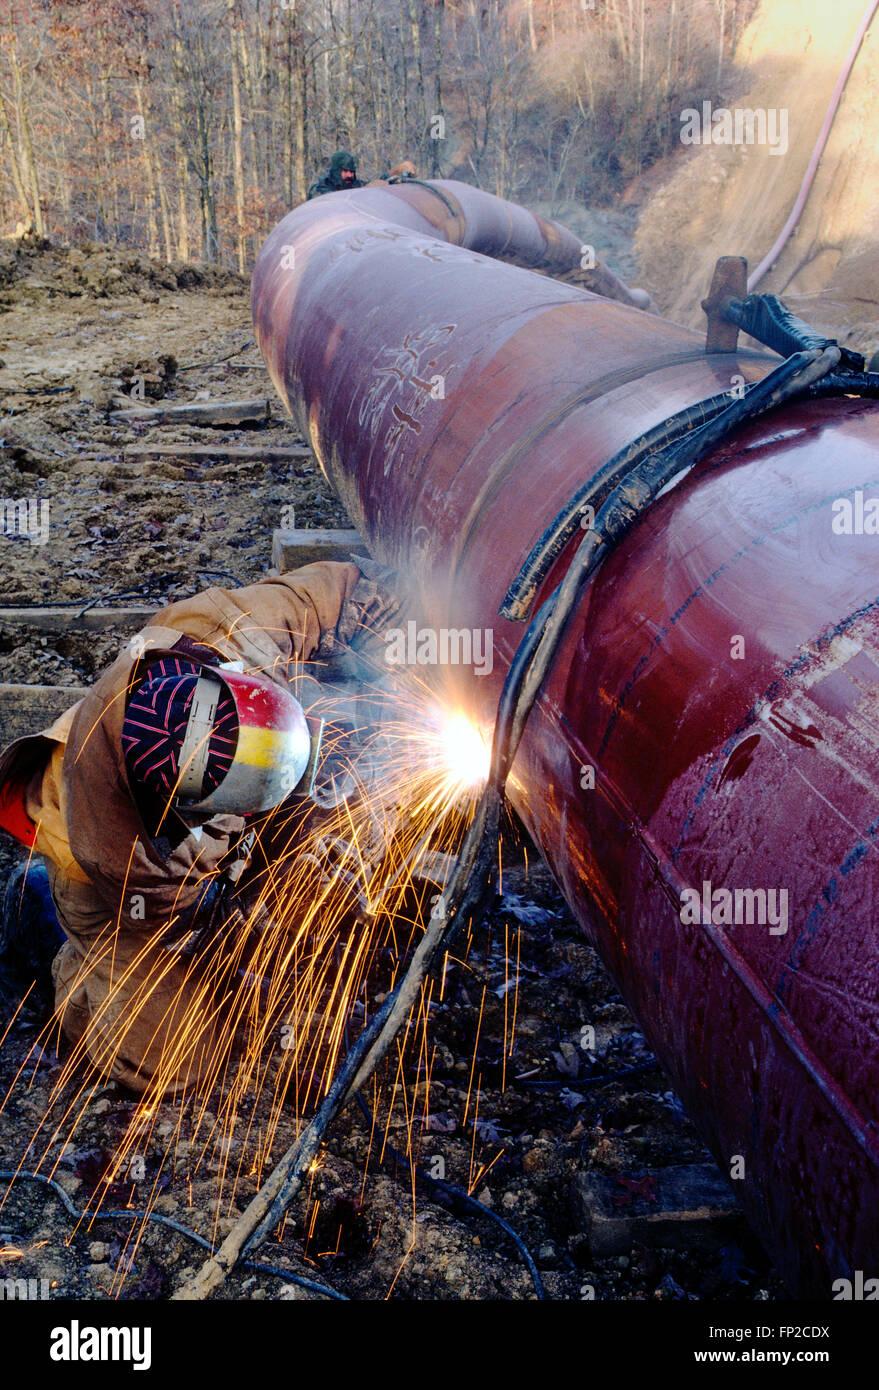 Hombre de soldadura de costura de un oleoducto en la rural Virginia Occidental; EE.UU. Imagen De Stock